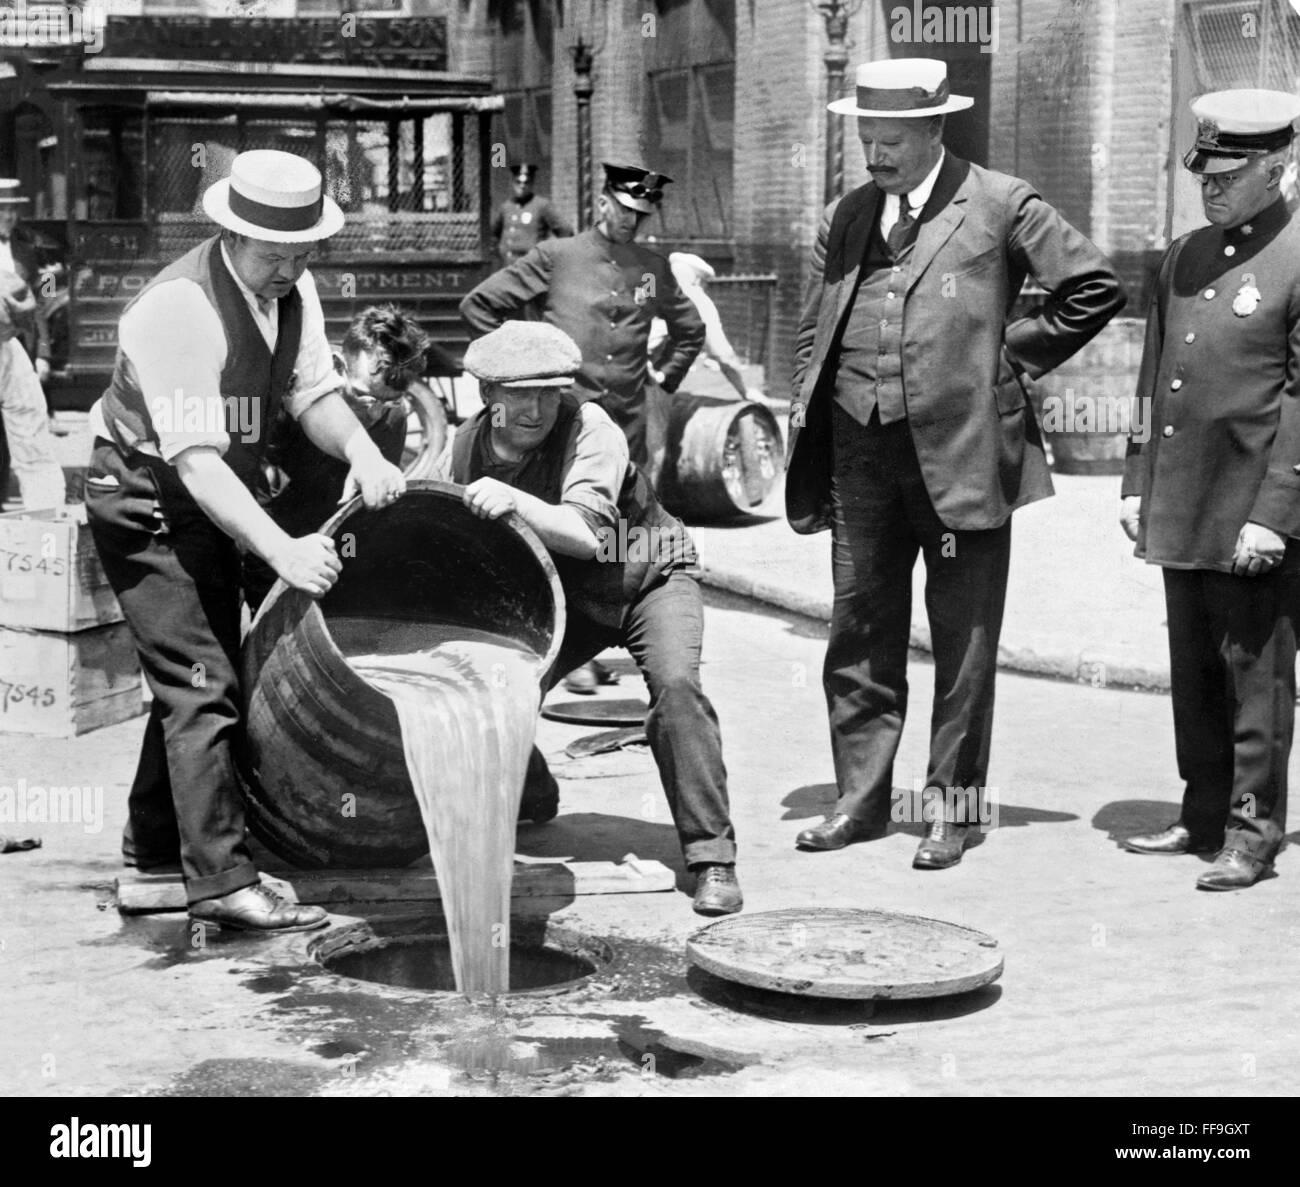 La prohibición de 1920. Los agentes de licor vertido en alcantarillas tras una redada durante probibition, New York Foto de stock